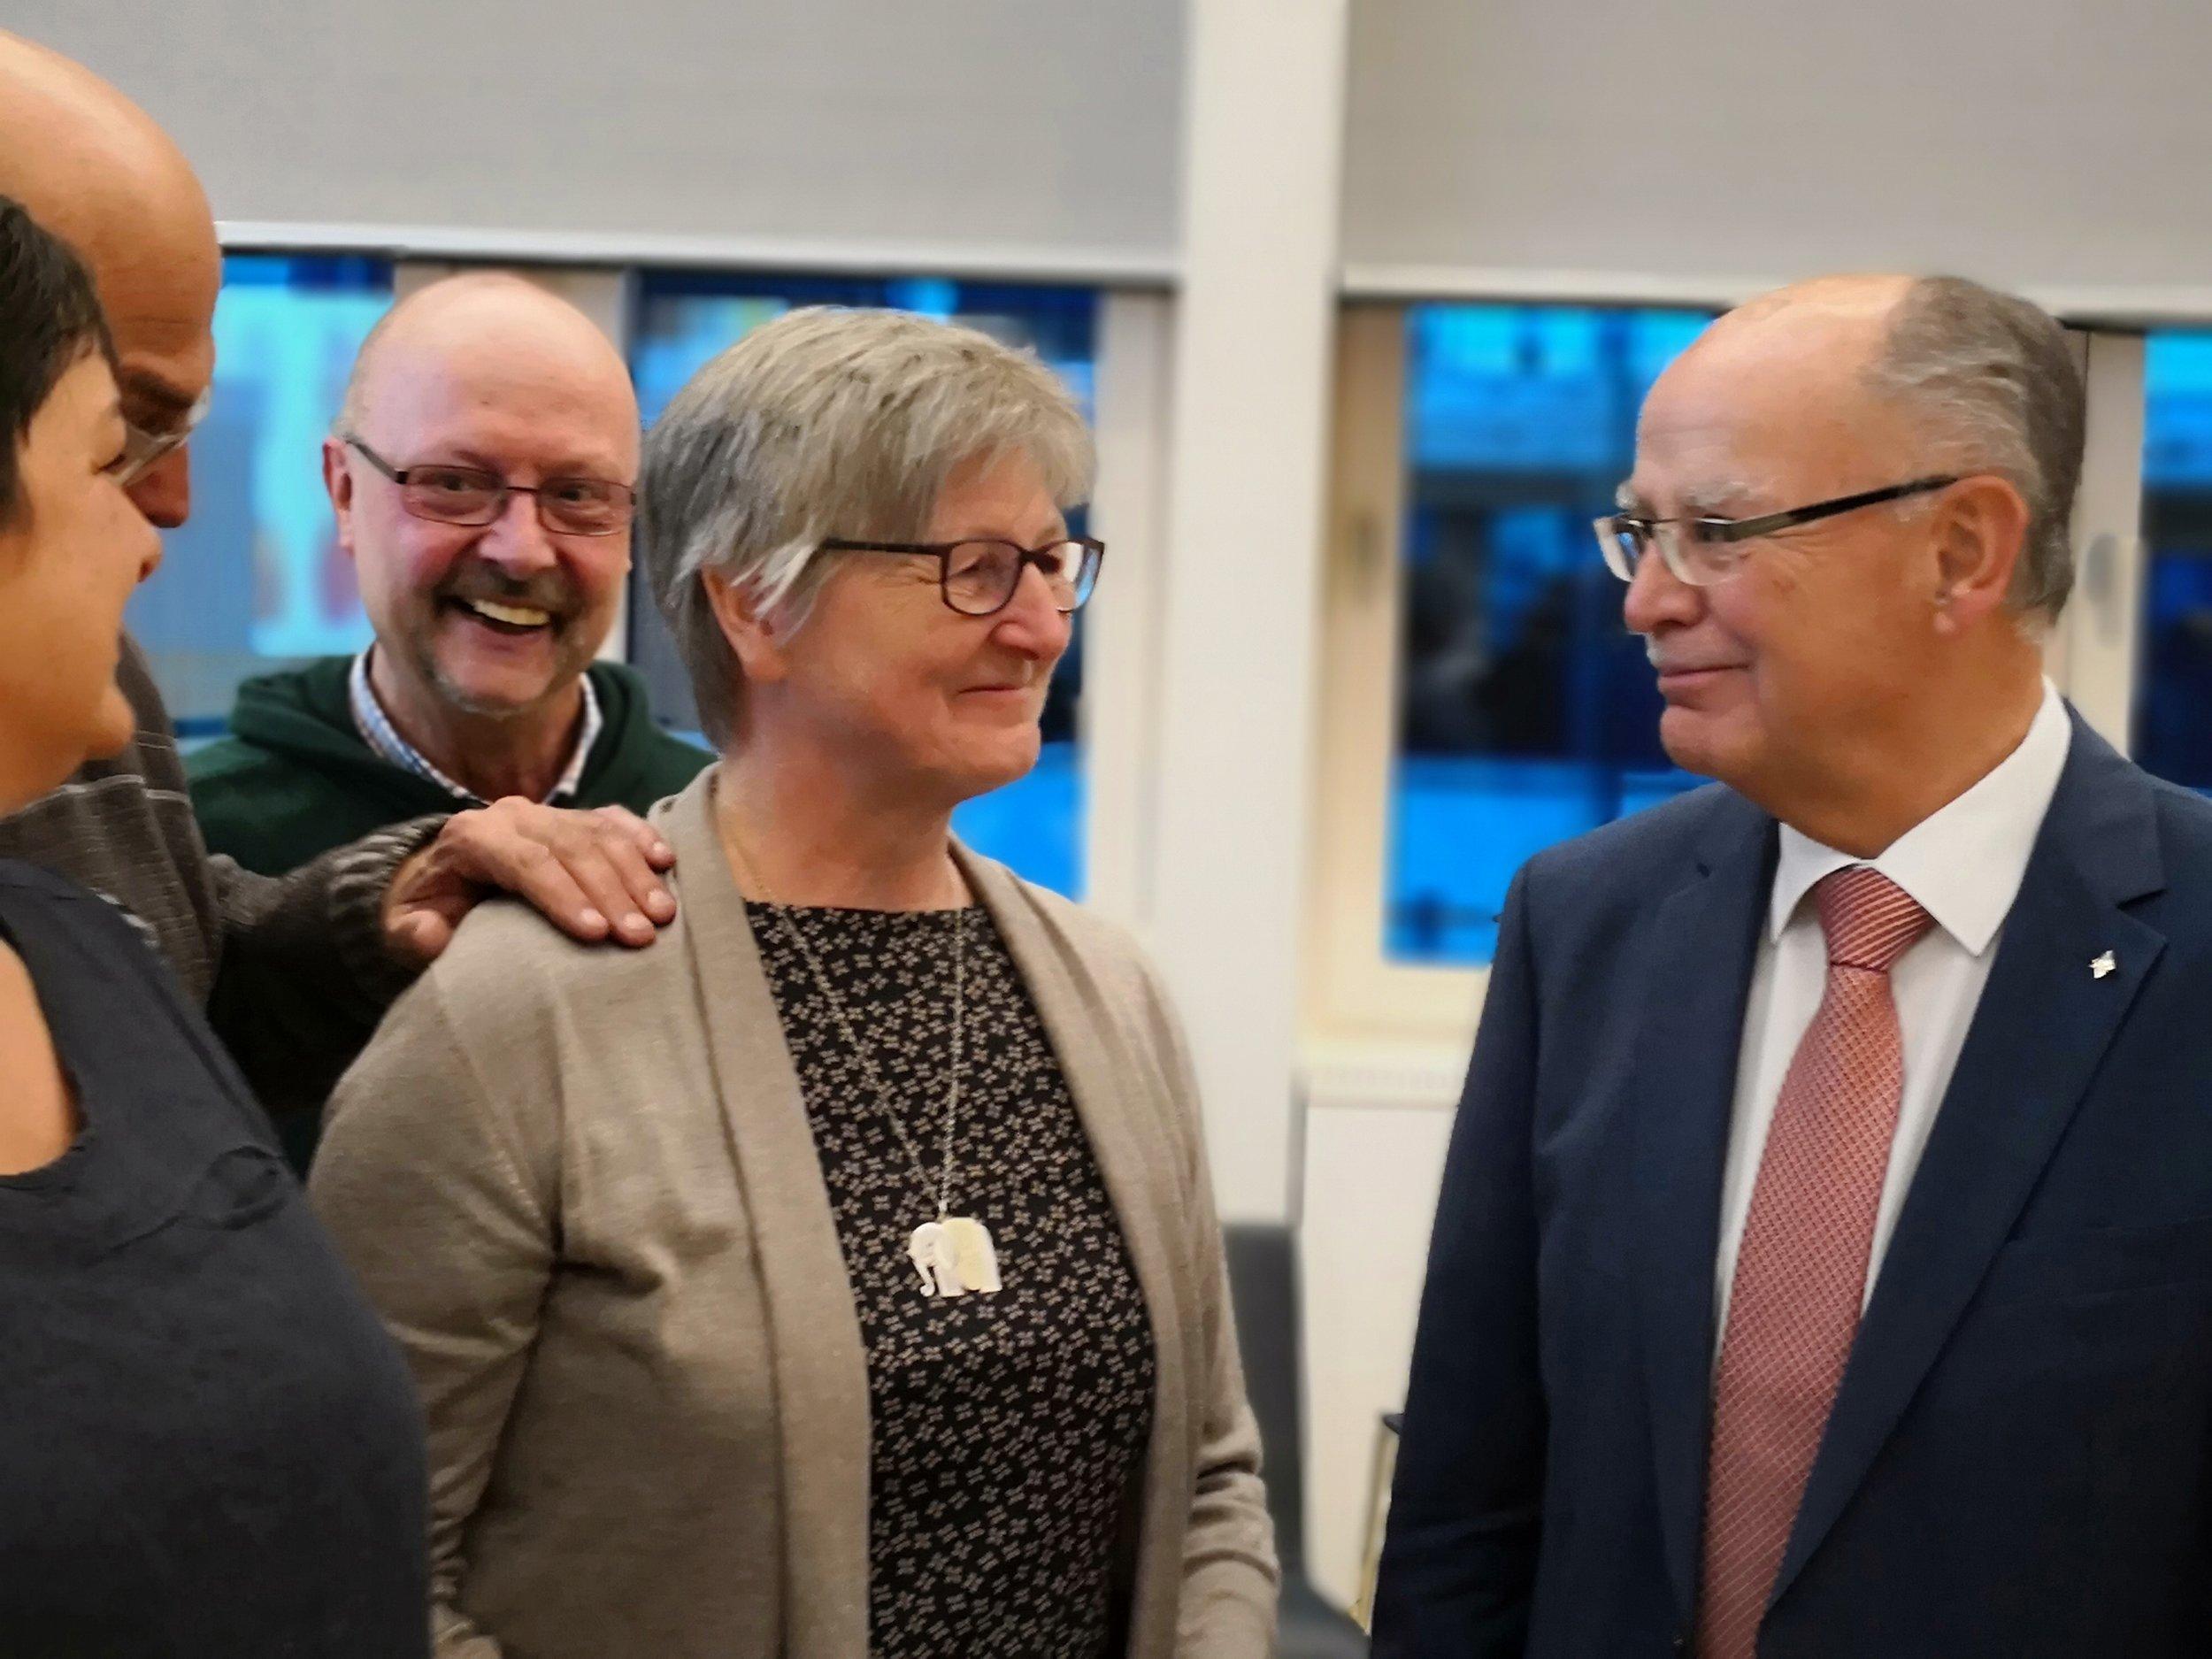 Ein schöner Moment: Elfriede Scheuring und BASTA-Vertreter Betsy Uphus, Horst Naiser und Wulf-Peter Hansen unterhalten sich mit dem Bezirkstagspräsidenten Josef Mederer.  Foto: Andreas Becker